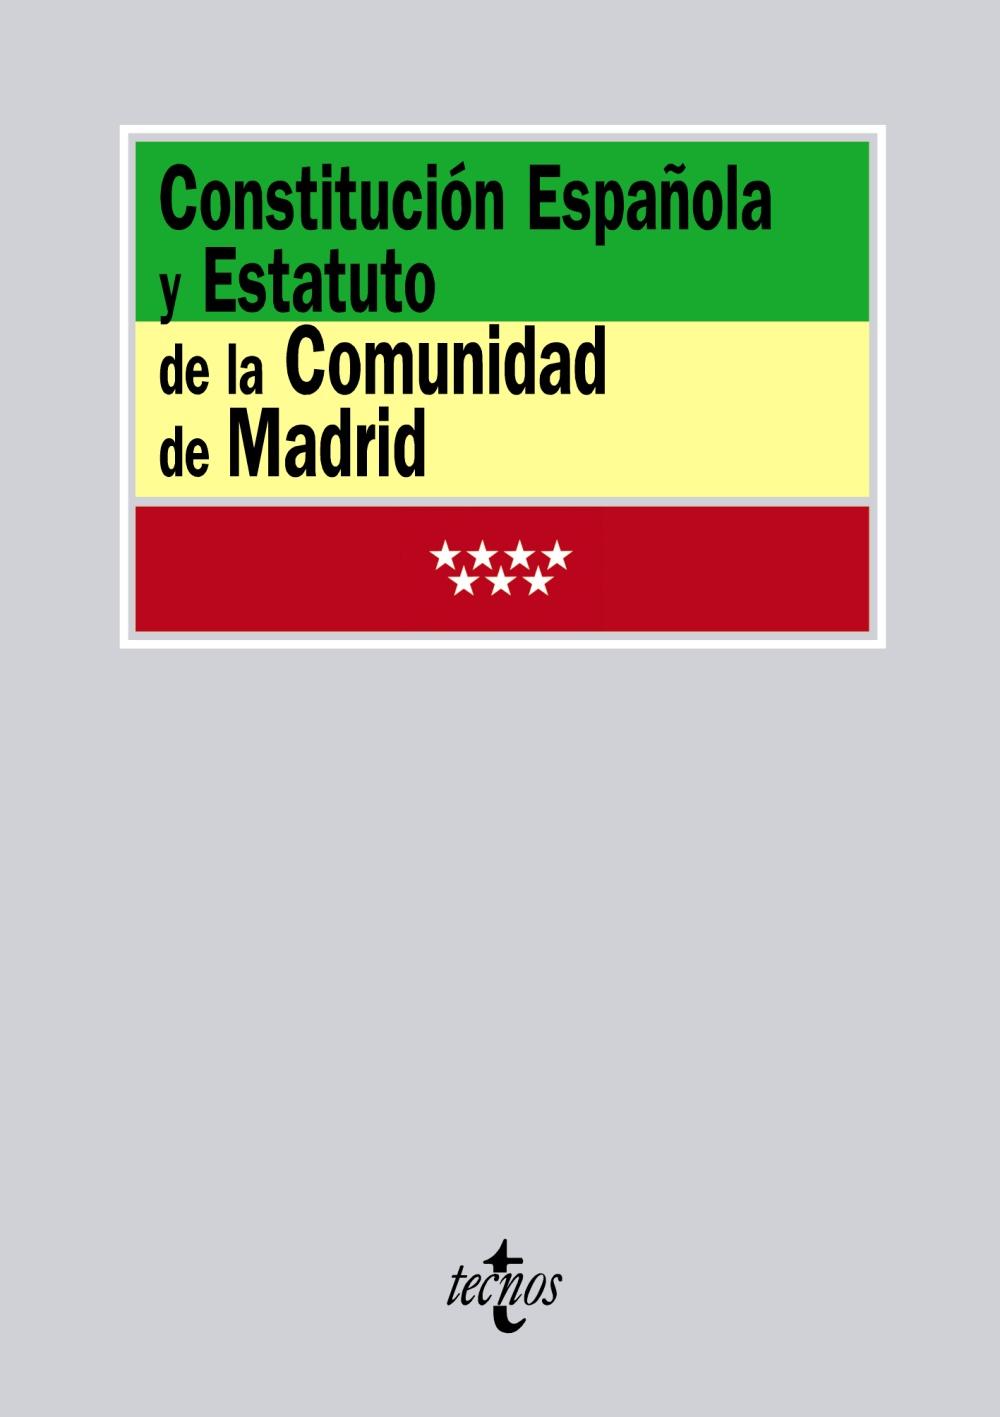 constitucion española y estatuto de la comunidad de madrid-9788430954056